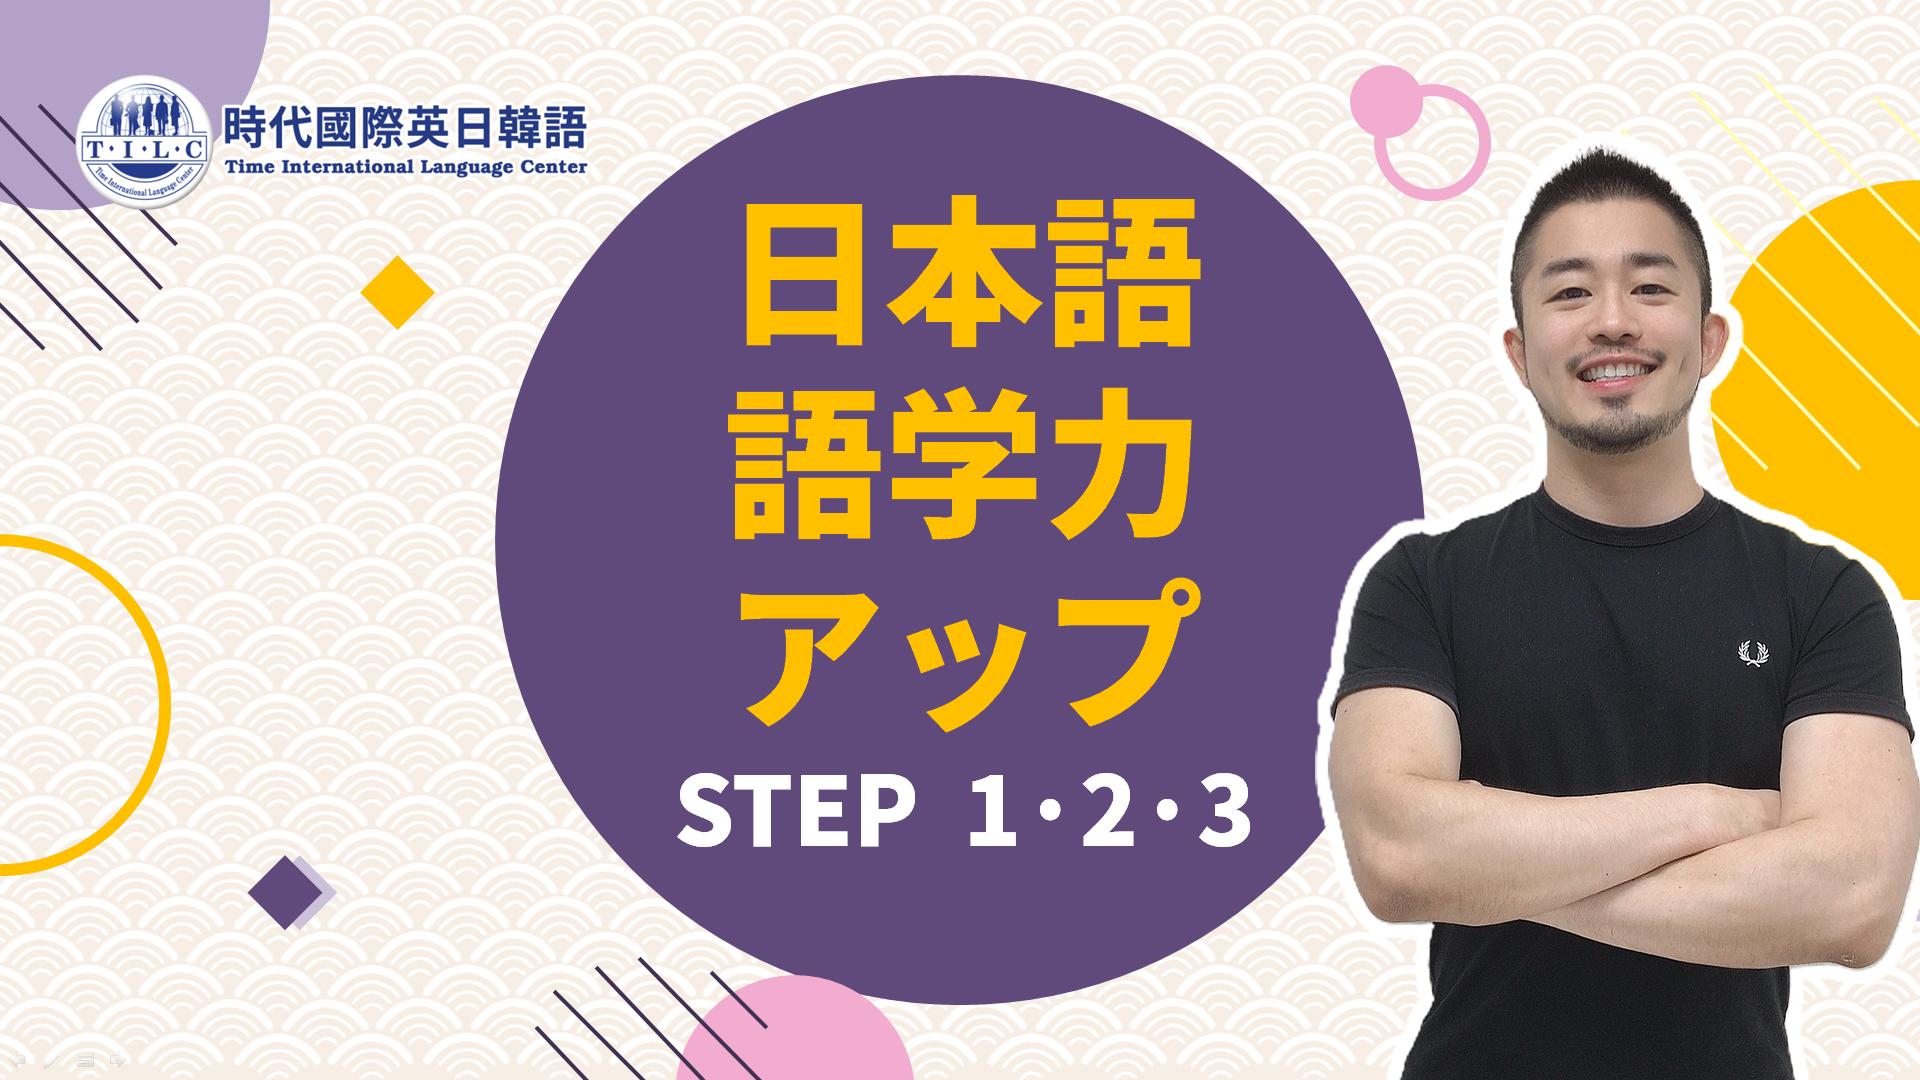 教你學日文   日本語語学力アップ